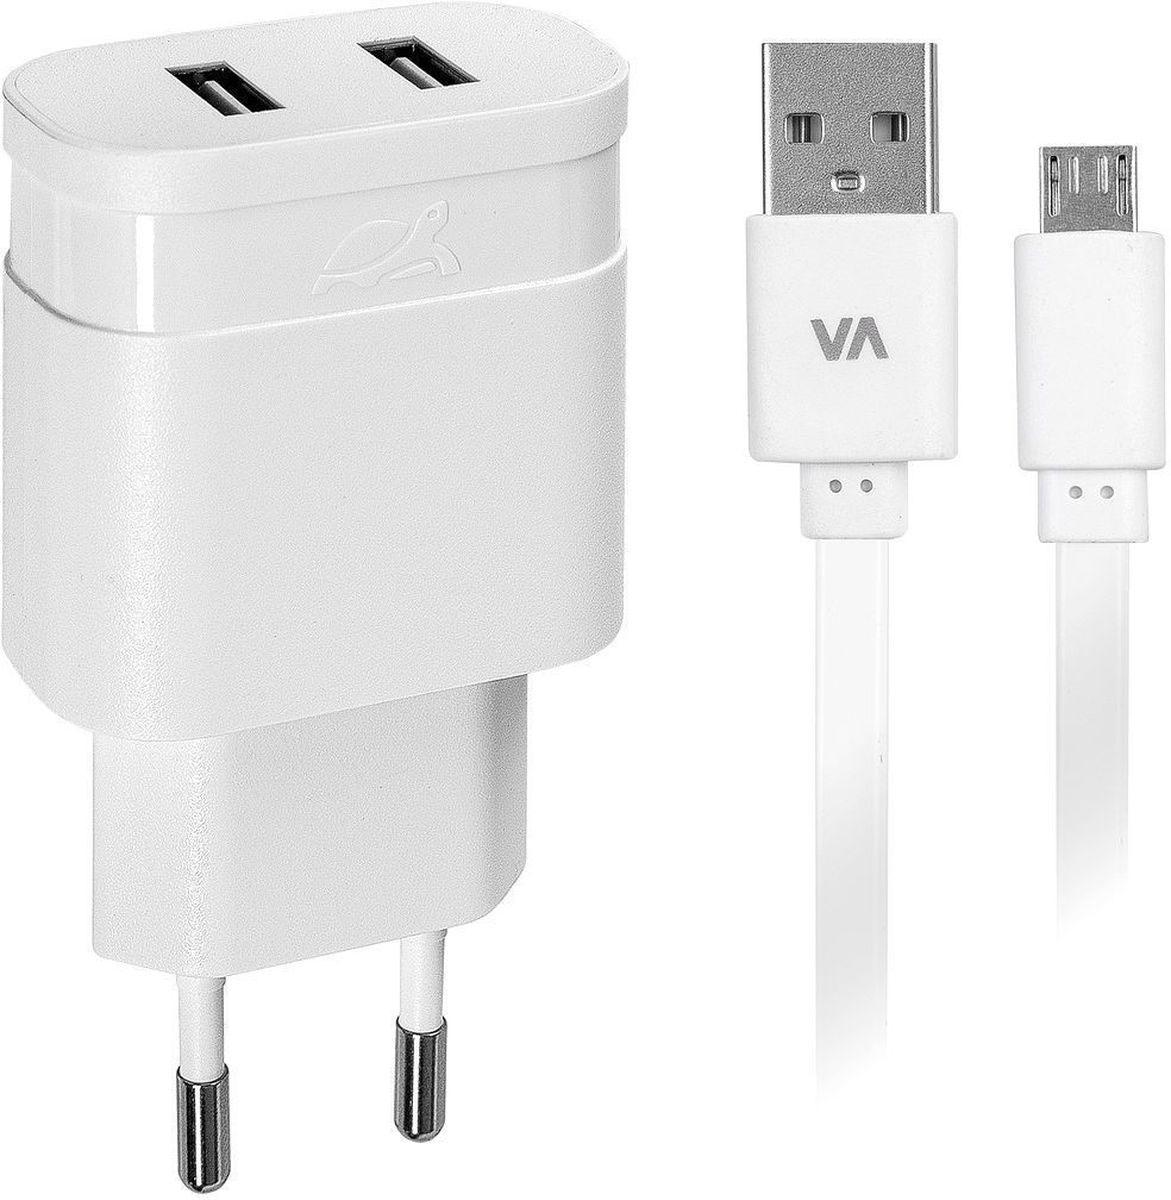 Rivapower VA4122 WD1, White сетевое зарядное устройствоVA4122 WD1Универсальное сетевое зарядное устройство Rivapower VA4122 WD1 совместимо со всеми устройствами, использующими USB порт для зарядки своих аккумуляторов. Позволяет заряжать 2 устройства одновременно, занимая всего одну розетку. Высококачественные компоненты, встроенные фильтры, защита от скачков напряжения, защита от перегрузки, перегрева и короткого замыкания делают процесс зарядки быстрым, эффективным и безопасным. Корпус сделан из негорючего пластика, устойчивого к механическим повреждениям.Компактные размеры зарядного устройства позволяют свободно пользоваться соседними розетками и делают его очень удобным в поездках. В комплект входит дата-кабель microUSB длиной 1 метр.